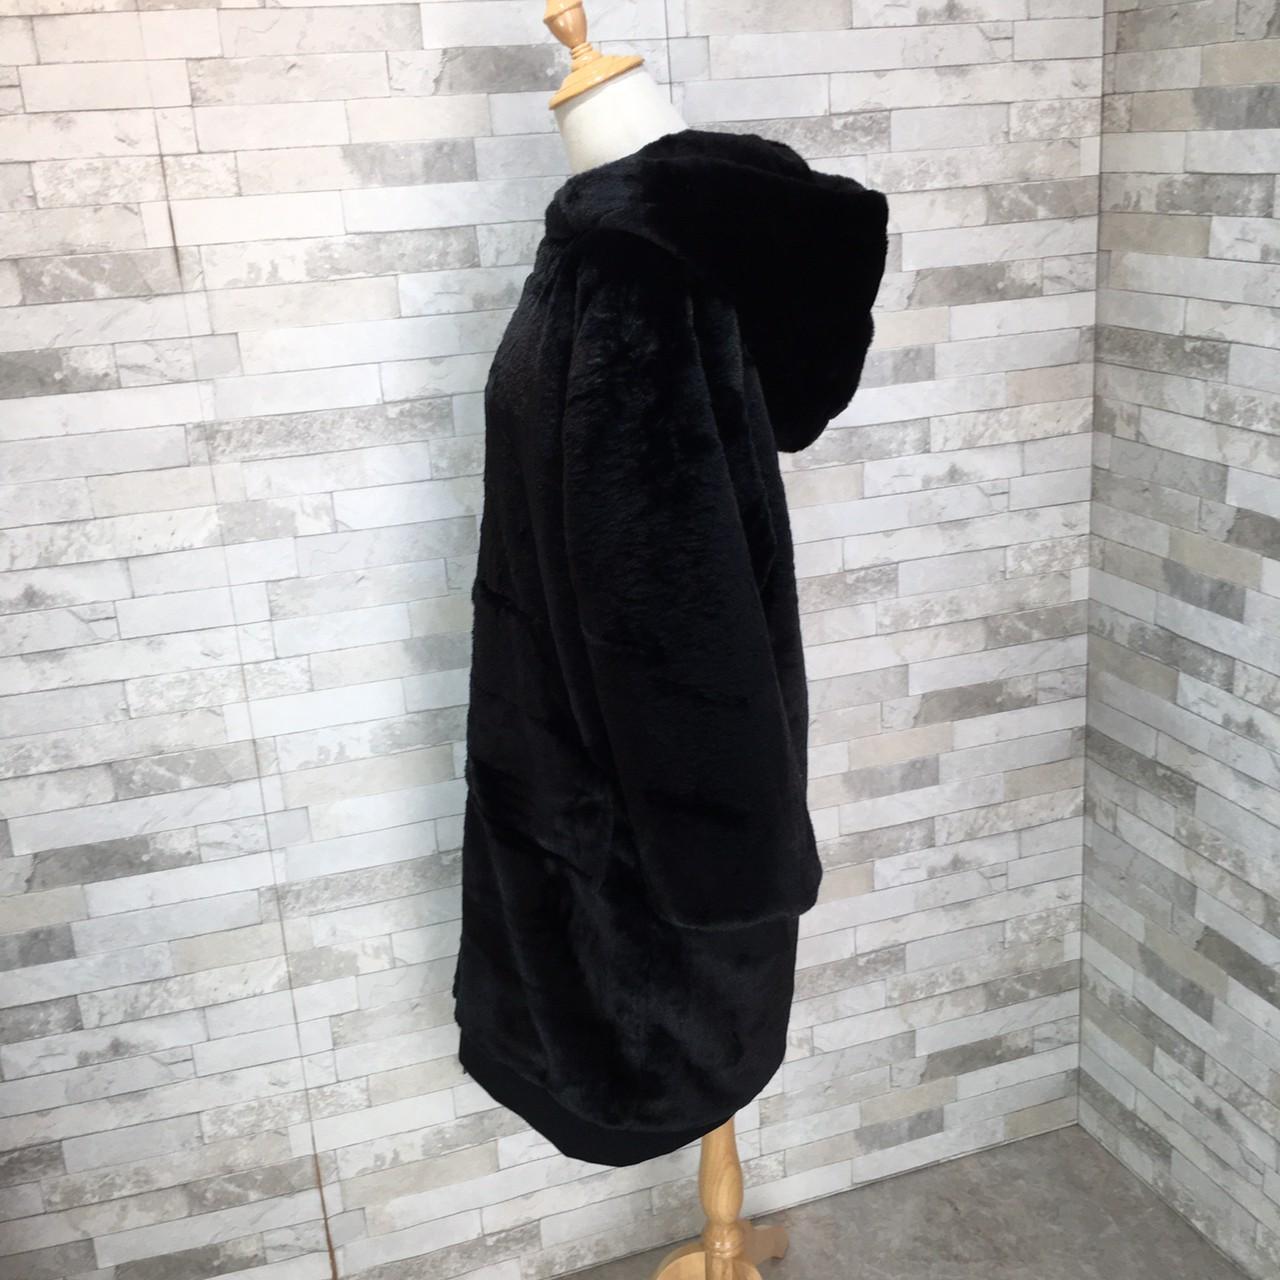 【即納】韓国 ファッション アウター ムートン ファーコート 秋 冬 カジュアル SPTXC599  もこもこ ふわふわ エコファー パーカー オーバーサイズ フ オルチャン シンプル 定番 セレカジの写真12枚目